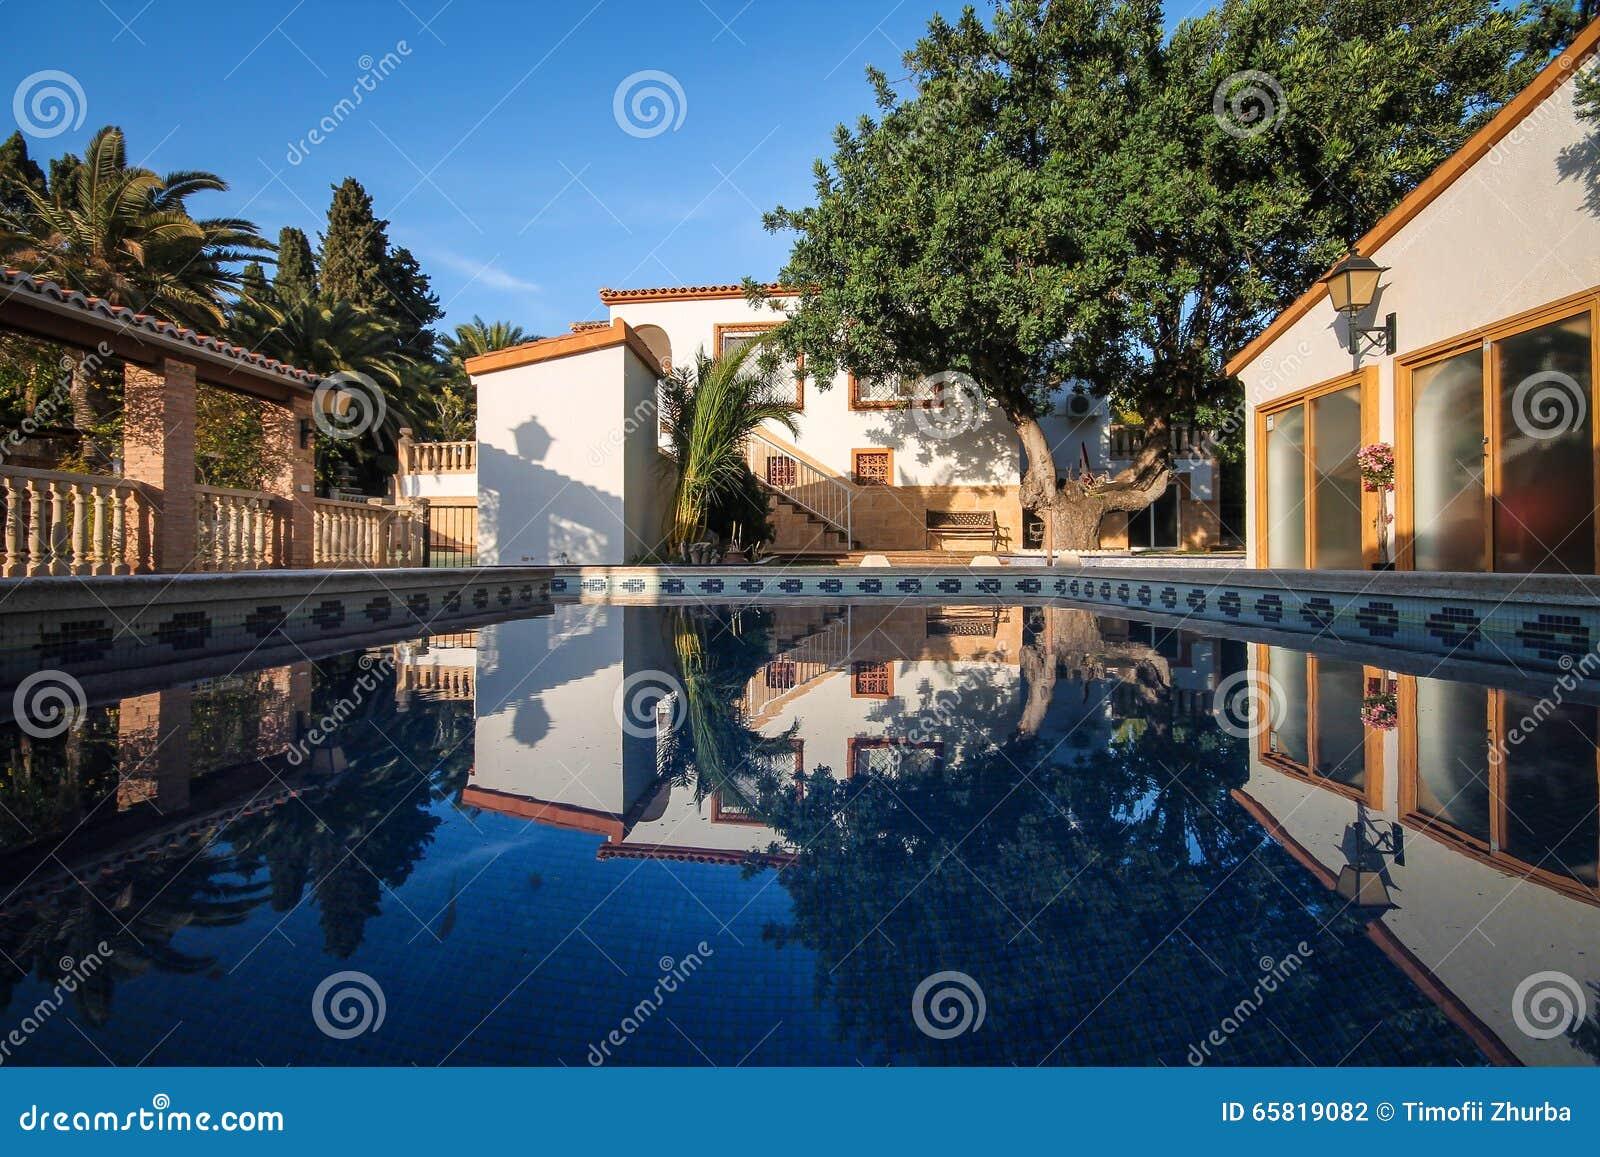 Casa de dos pisos en el estilo espa ol cl sico con una piscina grande foto de archivo imagen - Pisos con piscina en madrid ...